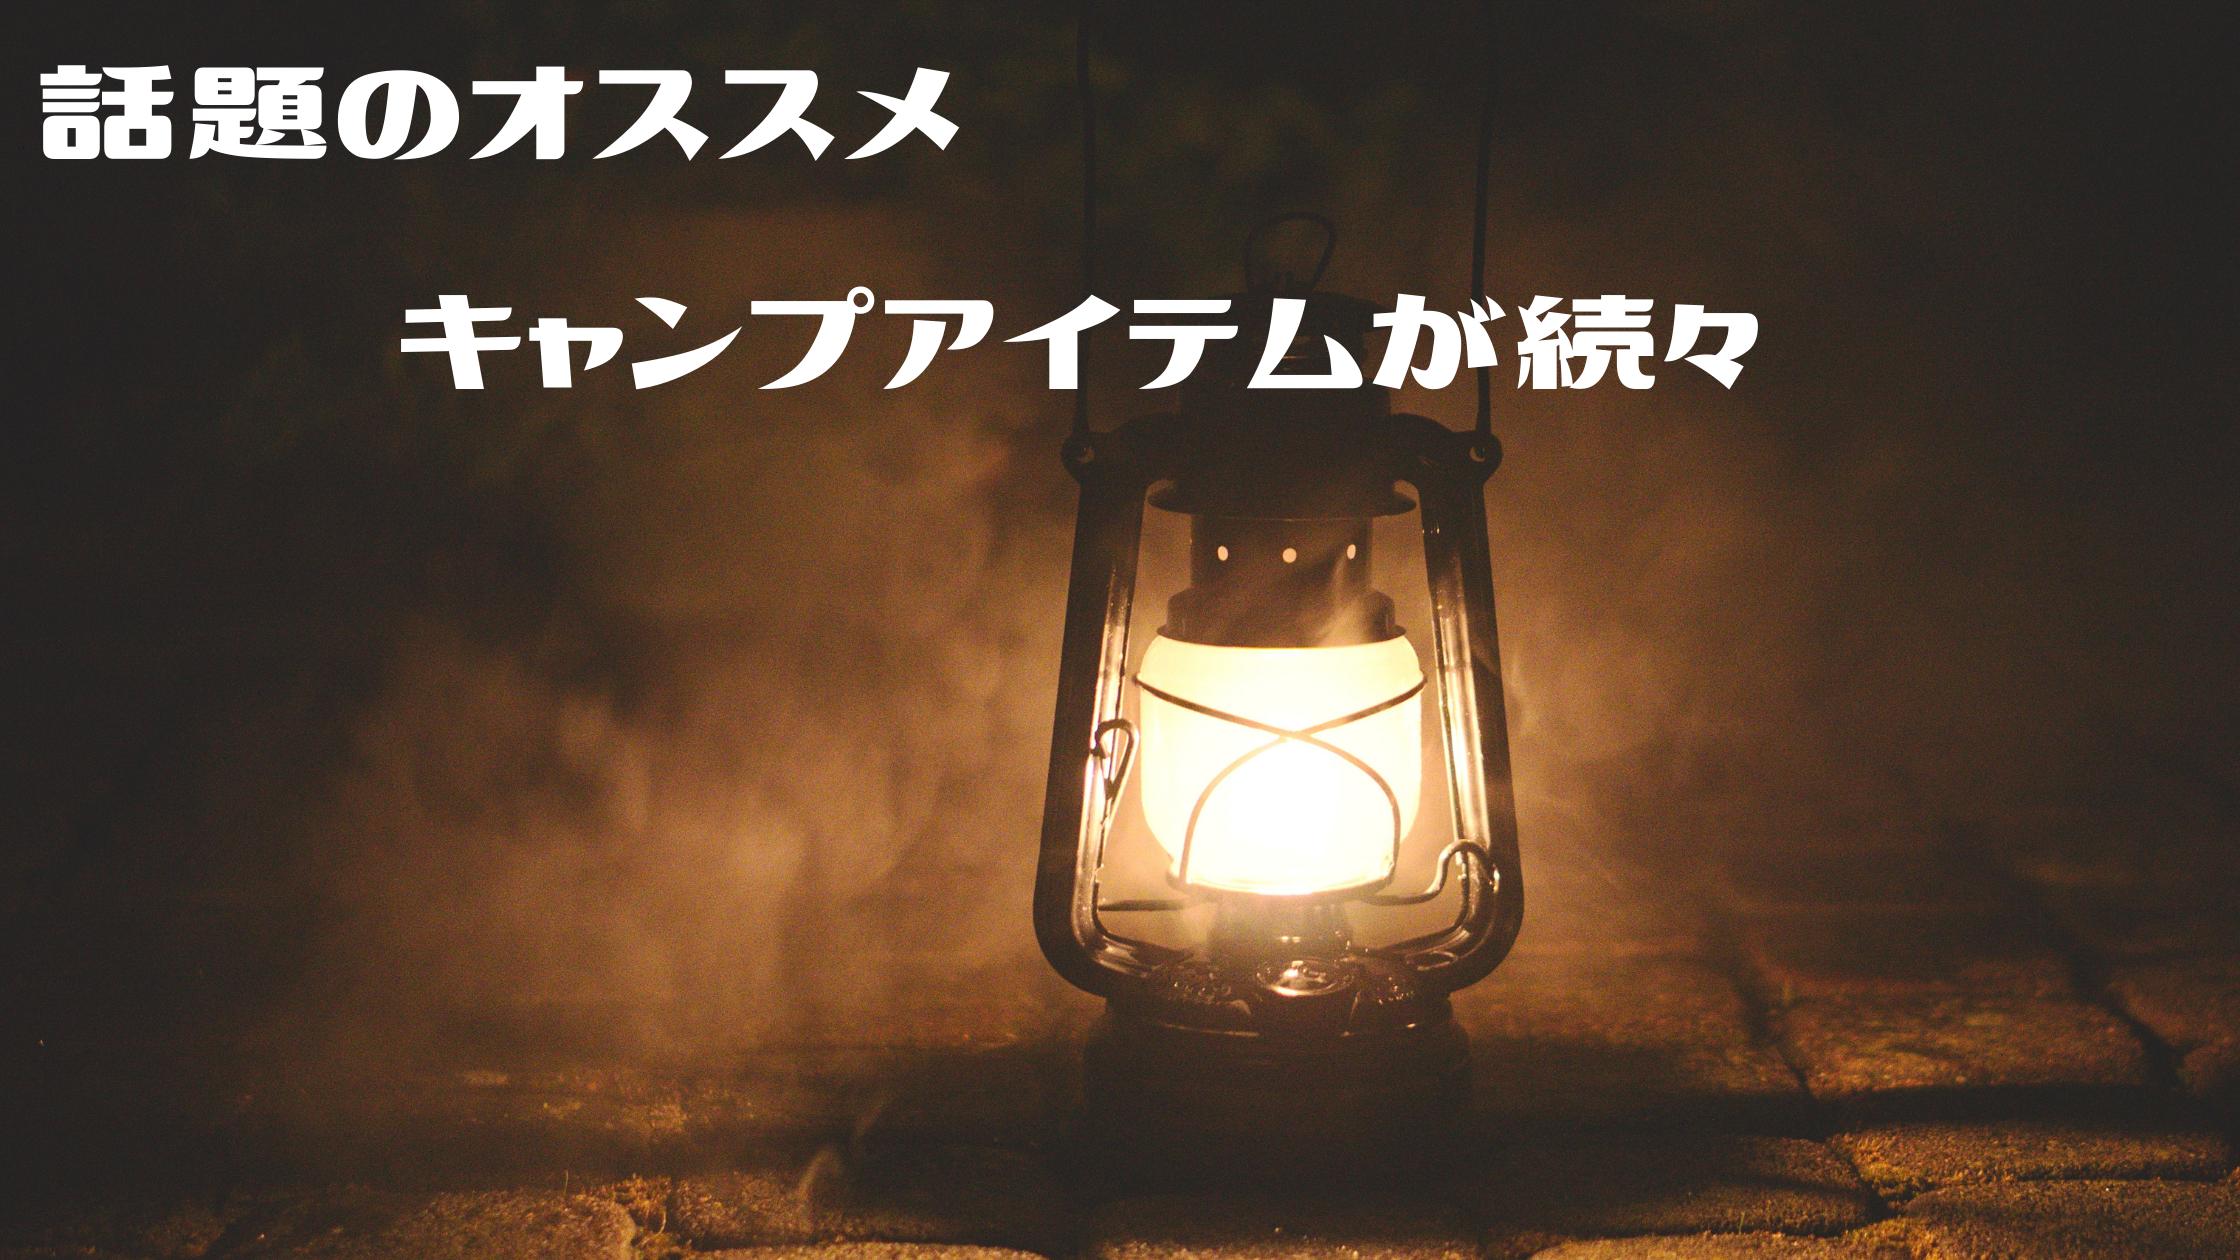 【櫻井・有吉THE夜会】❝男の隠れ家❞が高橋一生さんにおすすめの【キャンプグッズ】